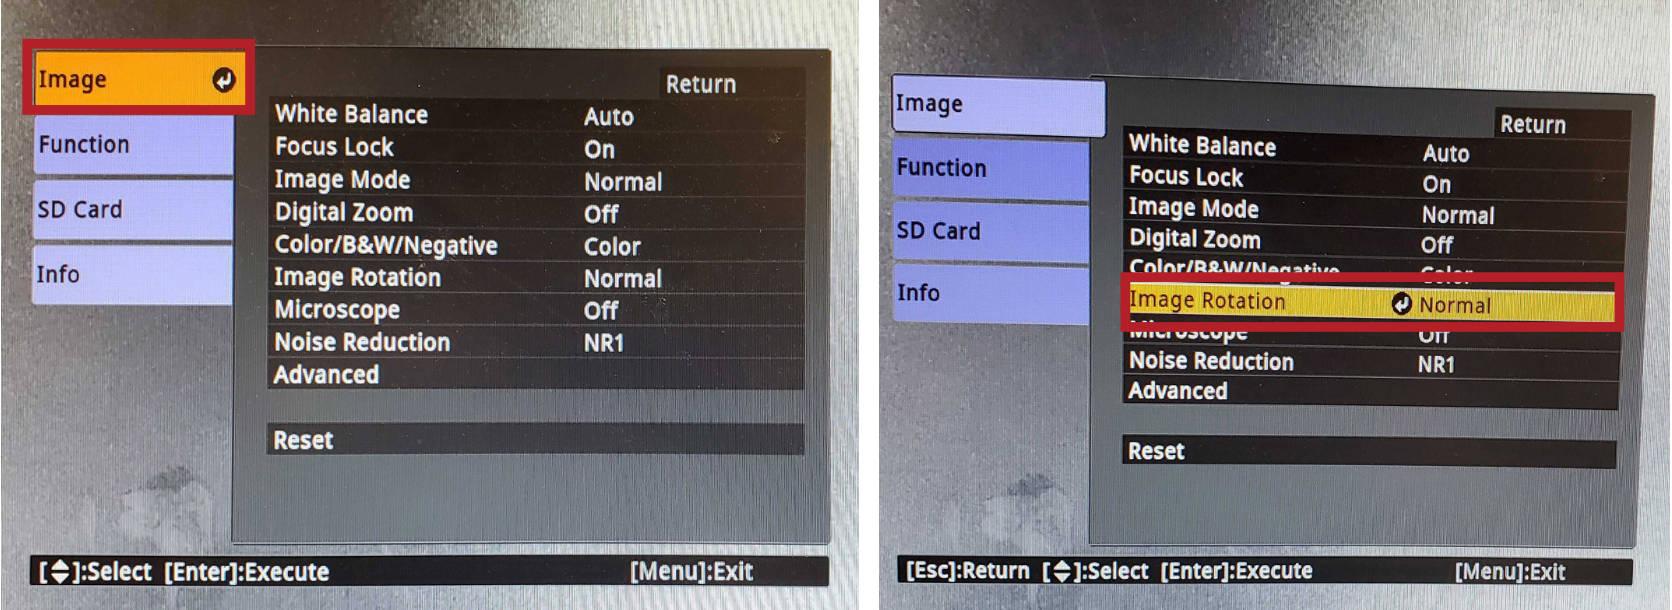 Doc Cam image menu photo